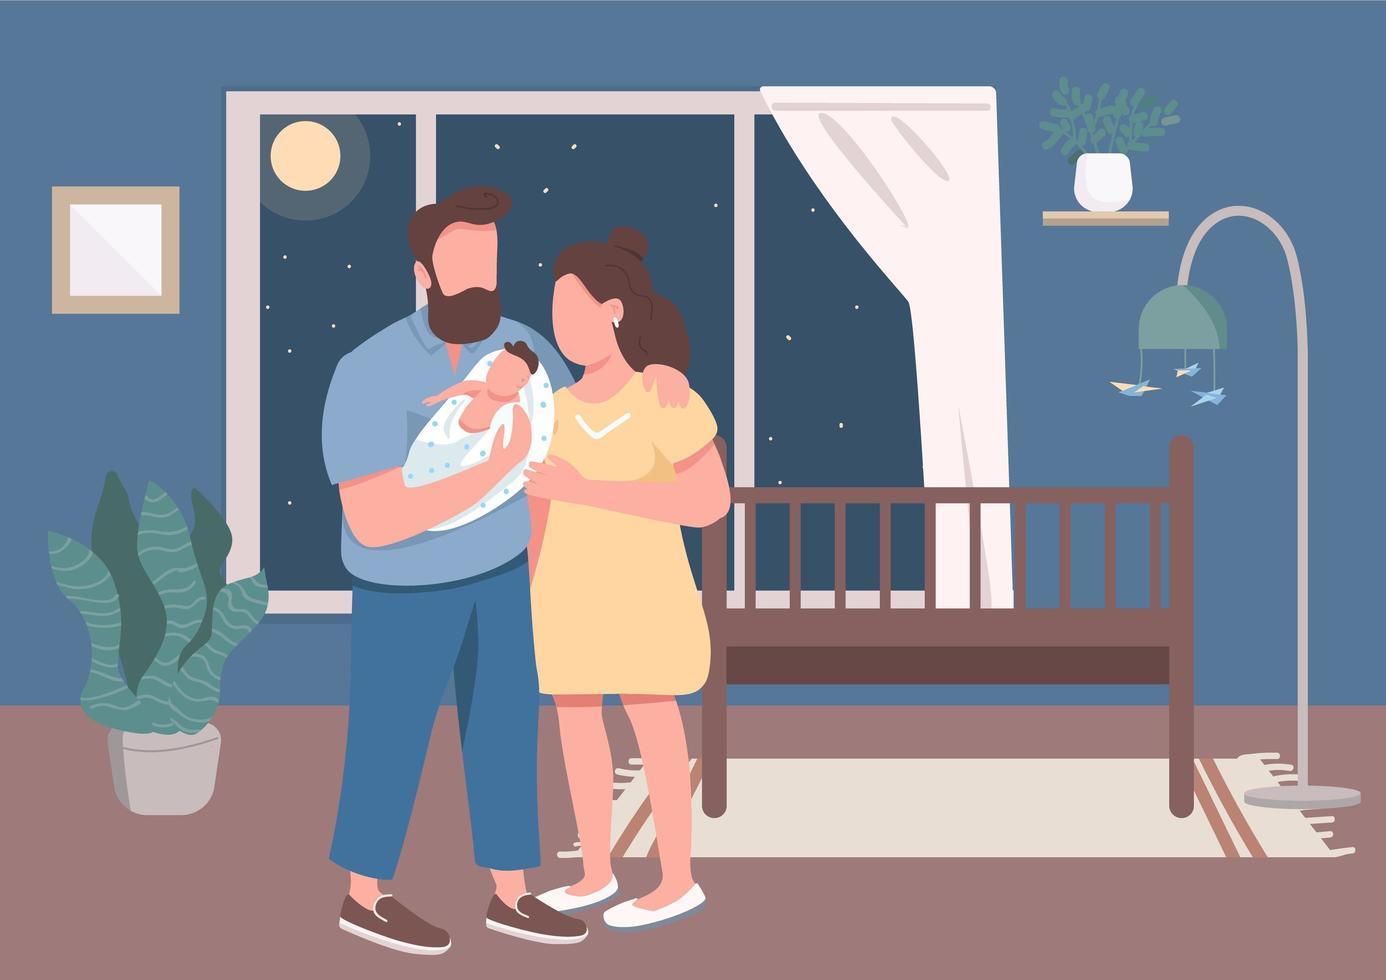 unga föräldrar med spädbarn platt färg vektorillustration vektor